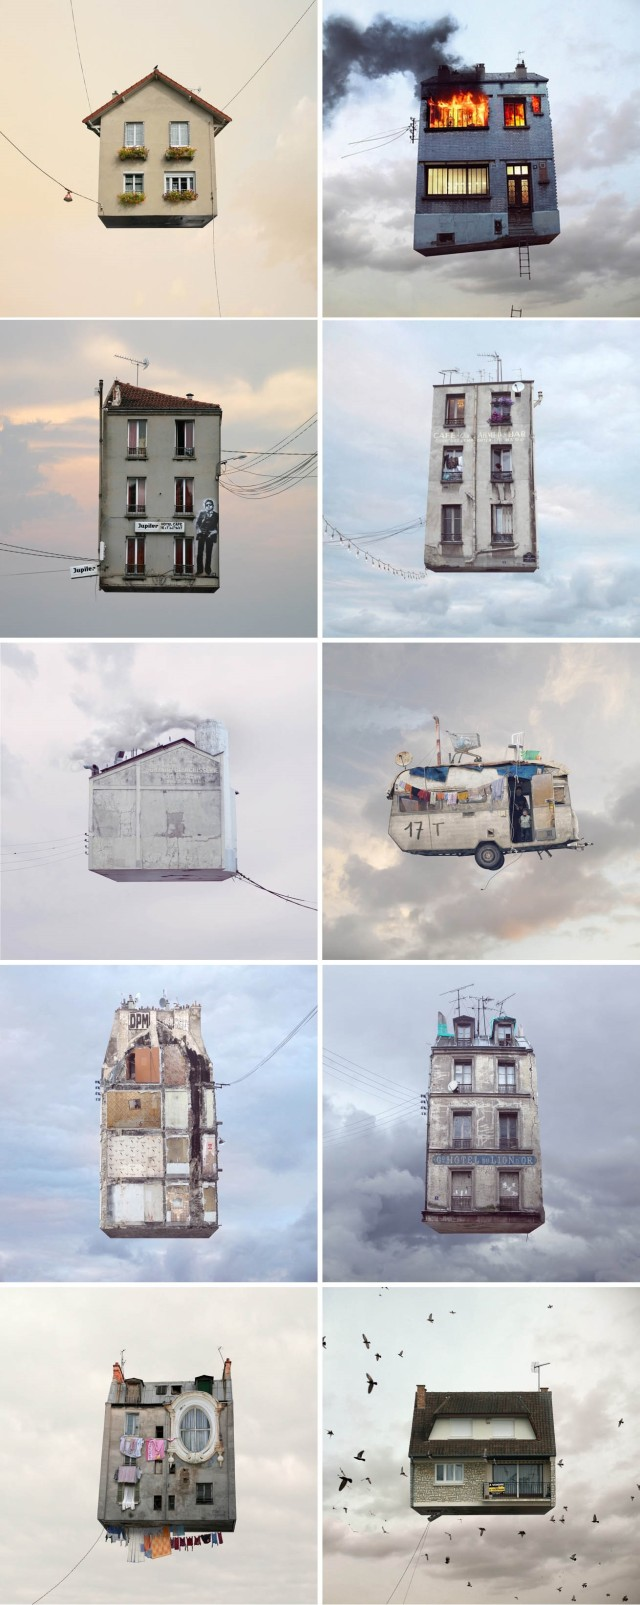 Ιπτάμενο Σπίτι